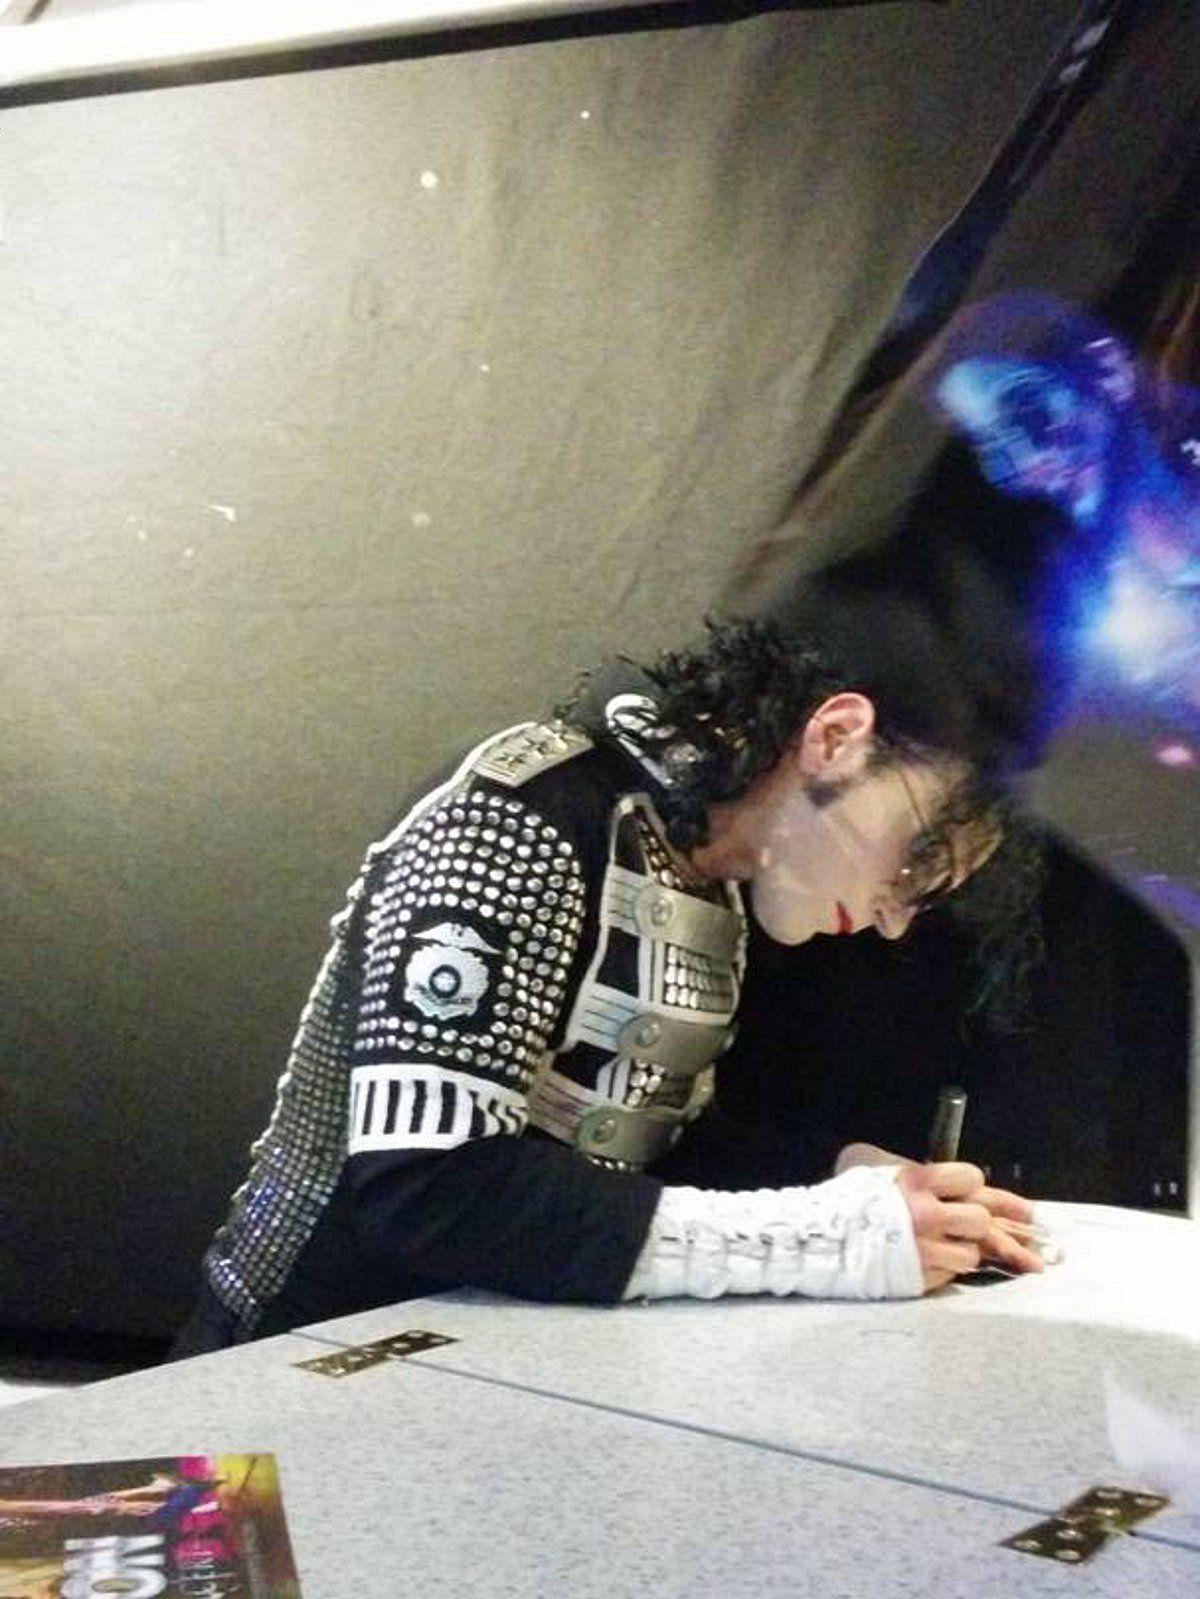 Est-ce le fantôme de Michael Jackson qui apparaît sur une photo prise par un adolescent ?